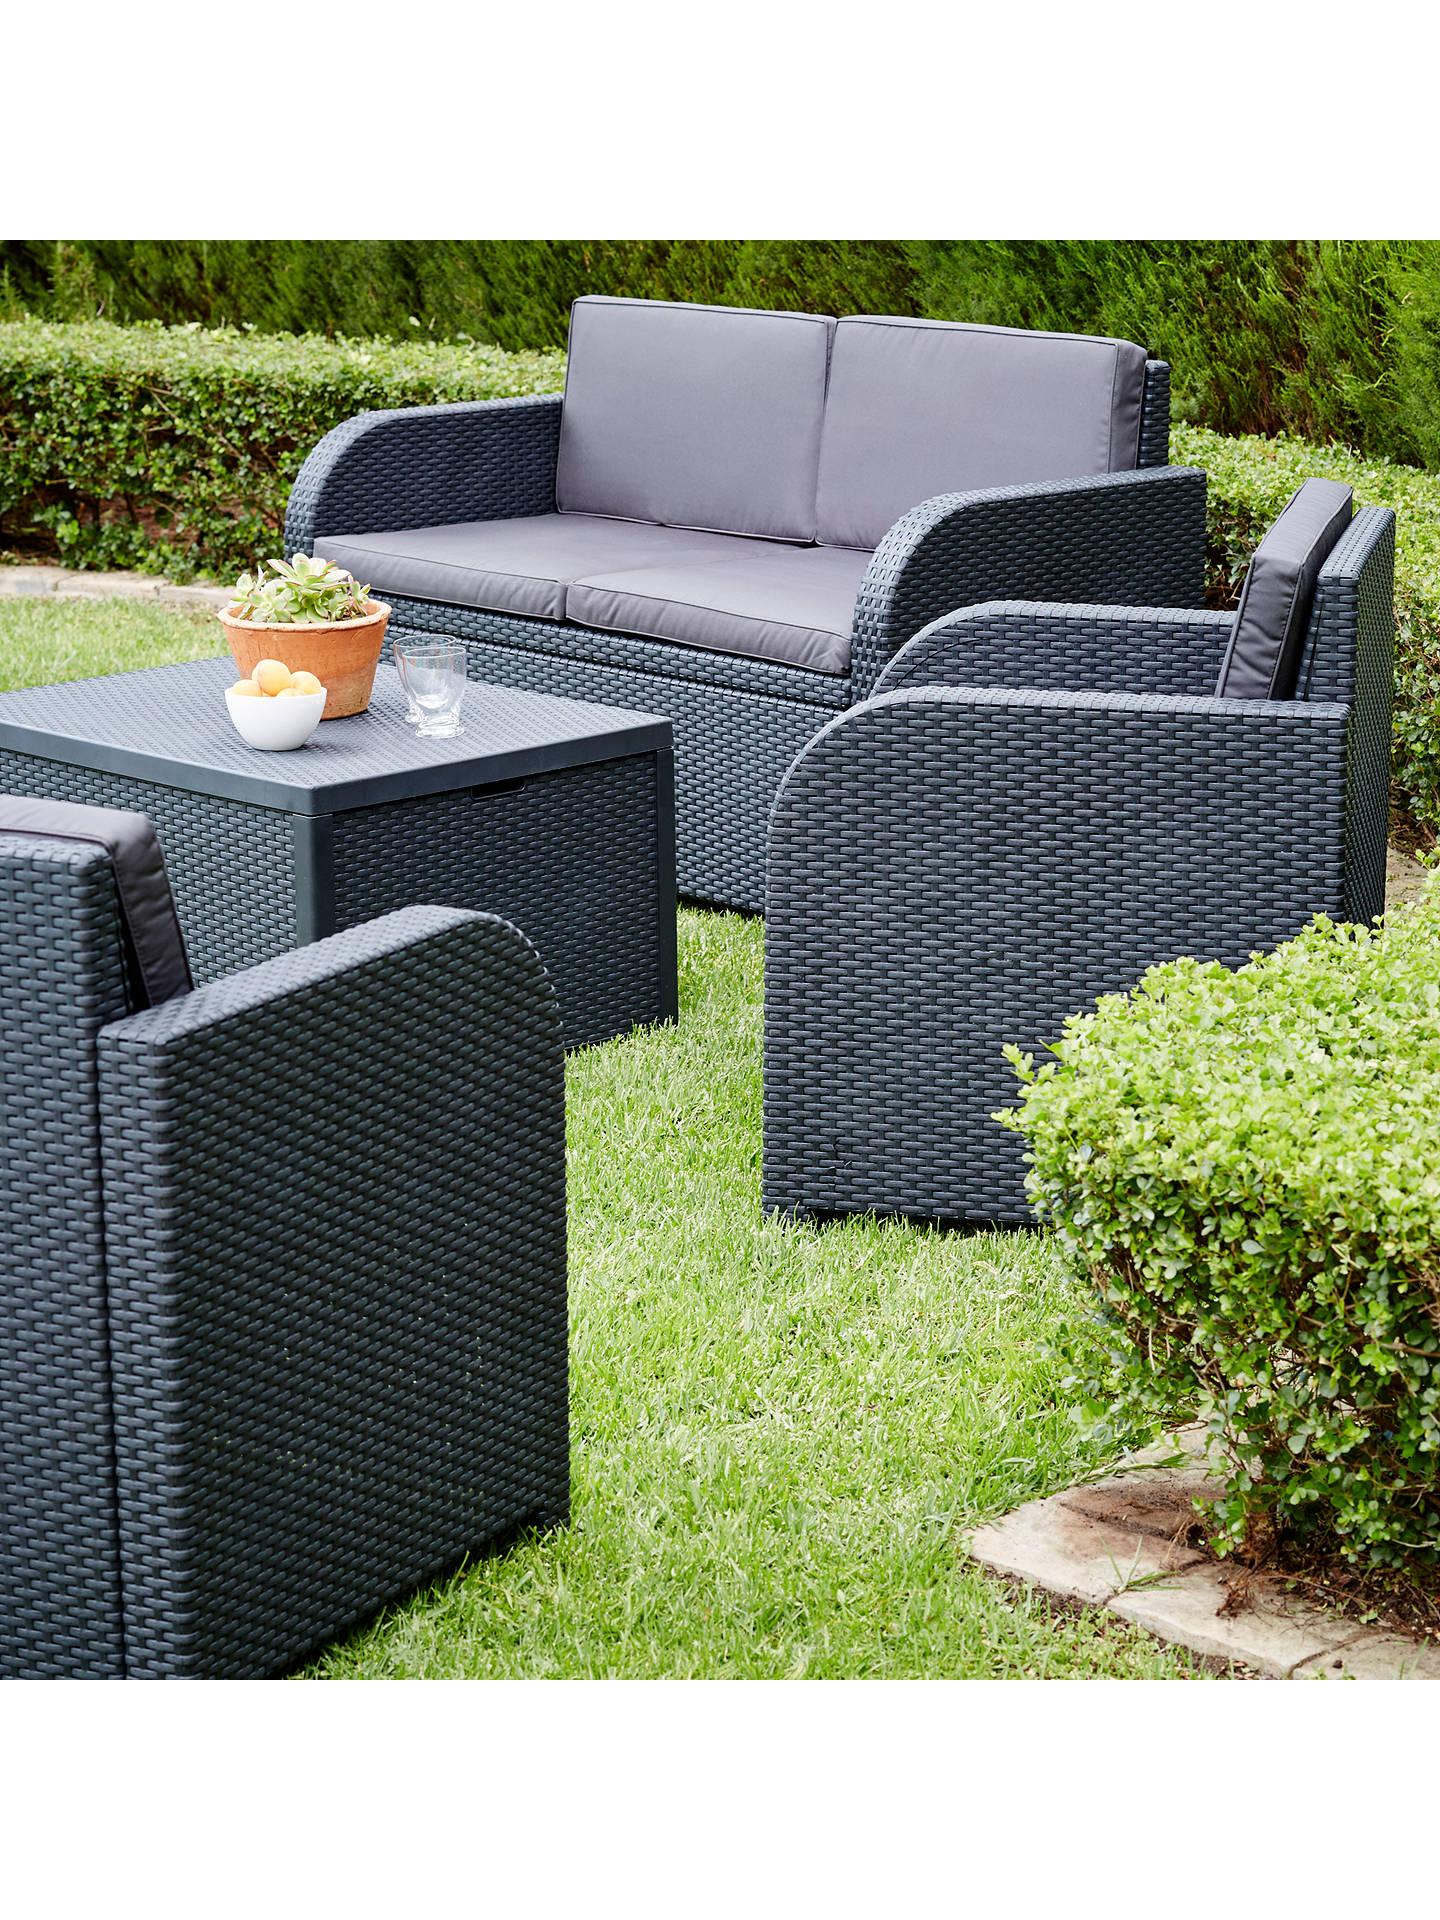 Buy john lewis partners oasis 4 seater garden lounging set graphite online at johnlewis